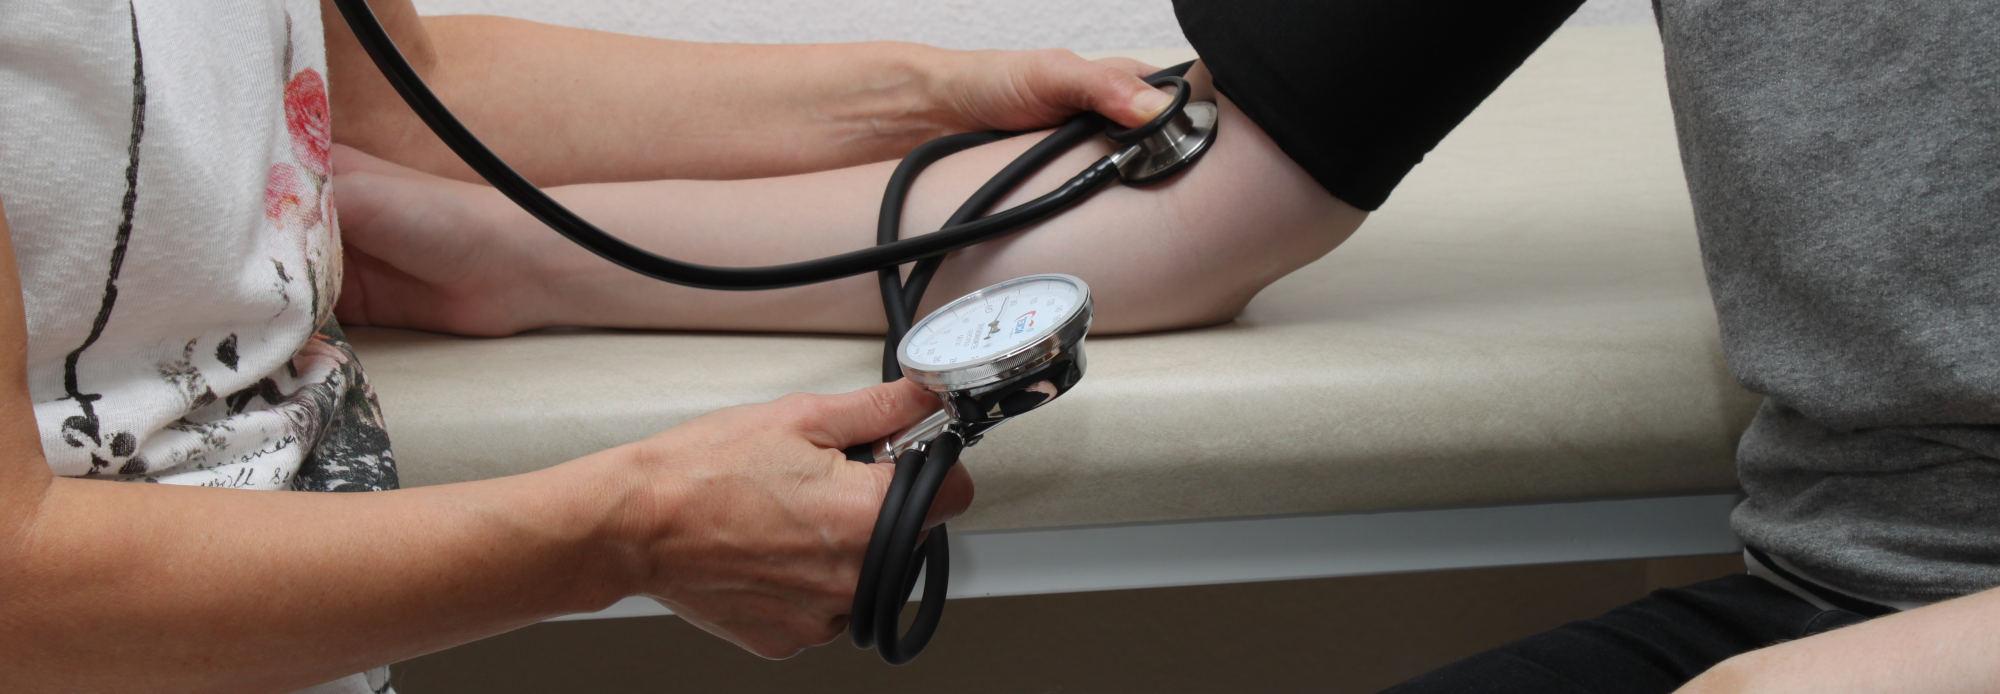 Bluthochdruck, Naturheilkunde Behandlungsschwerpunkte